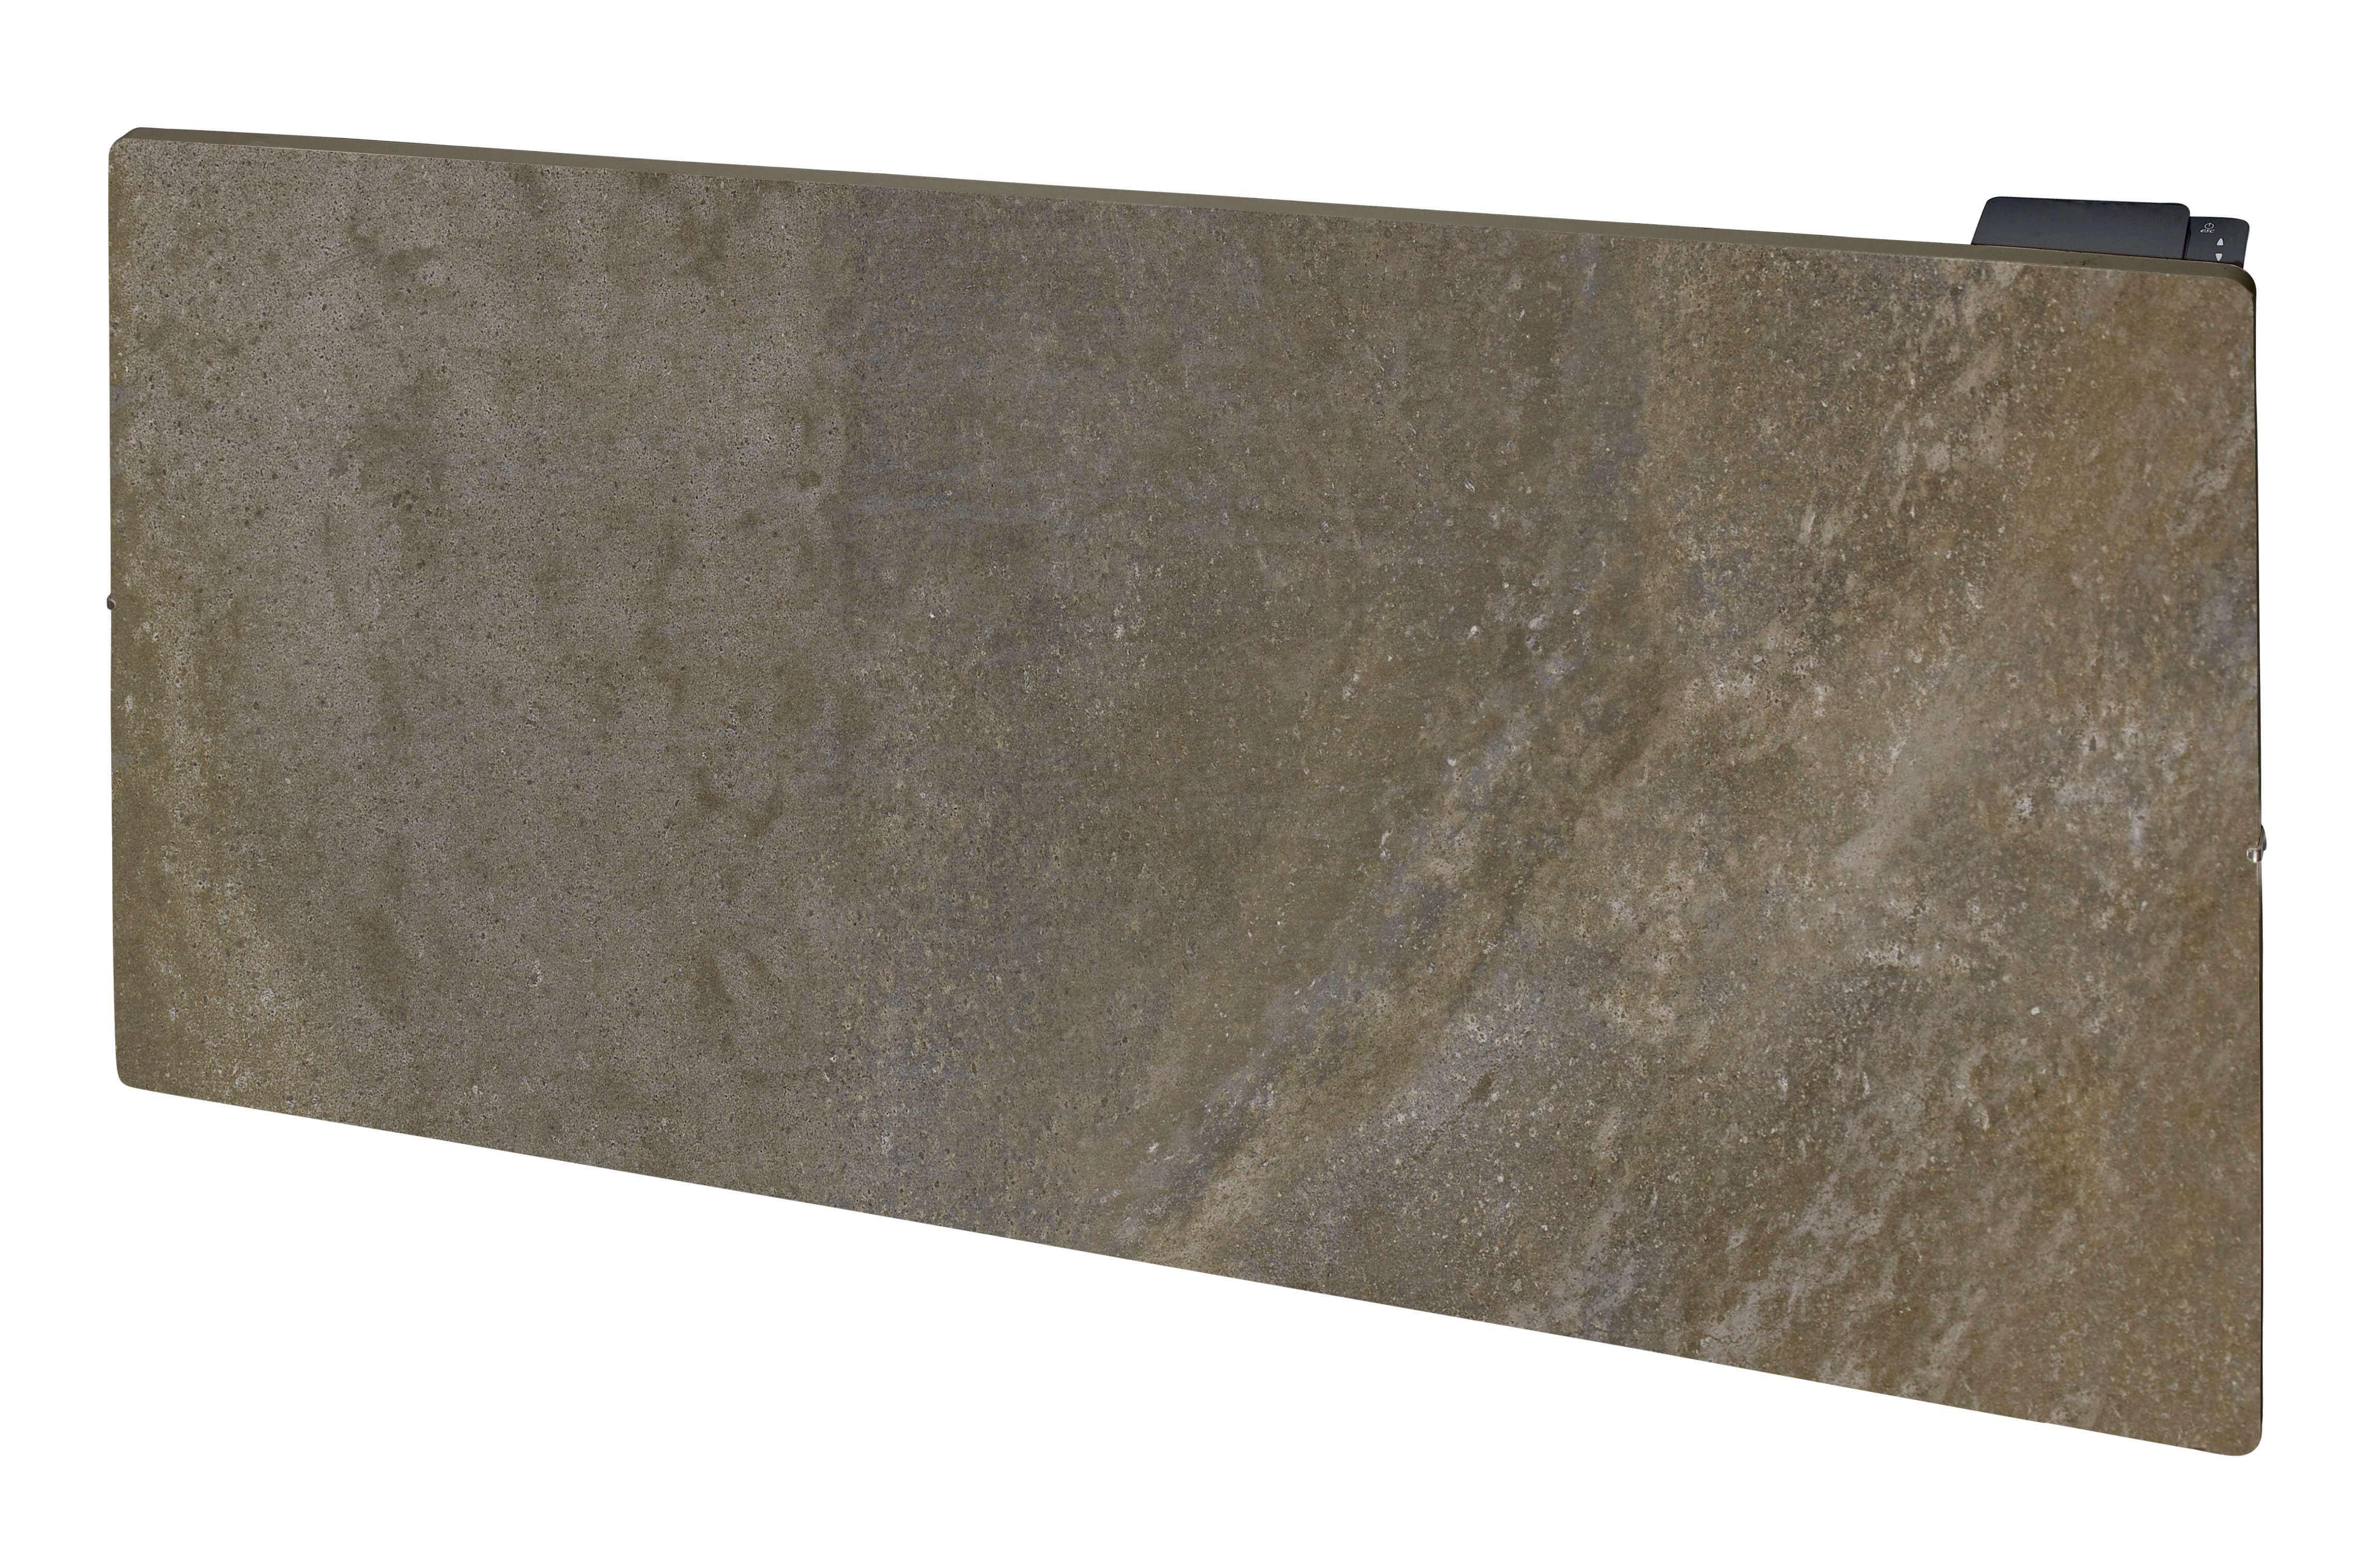 kalksteen kachel